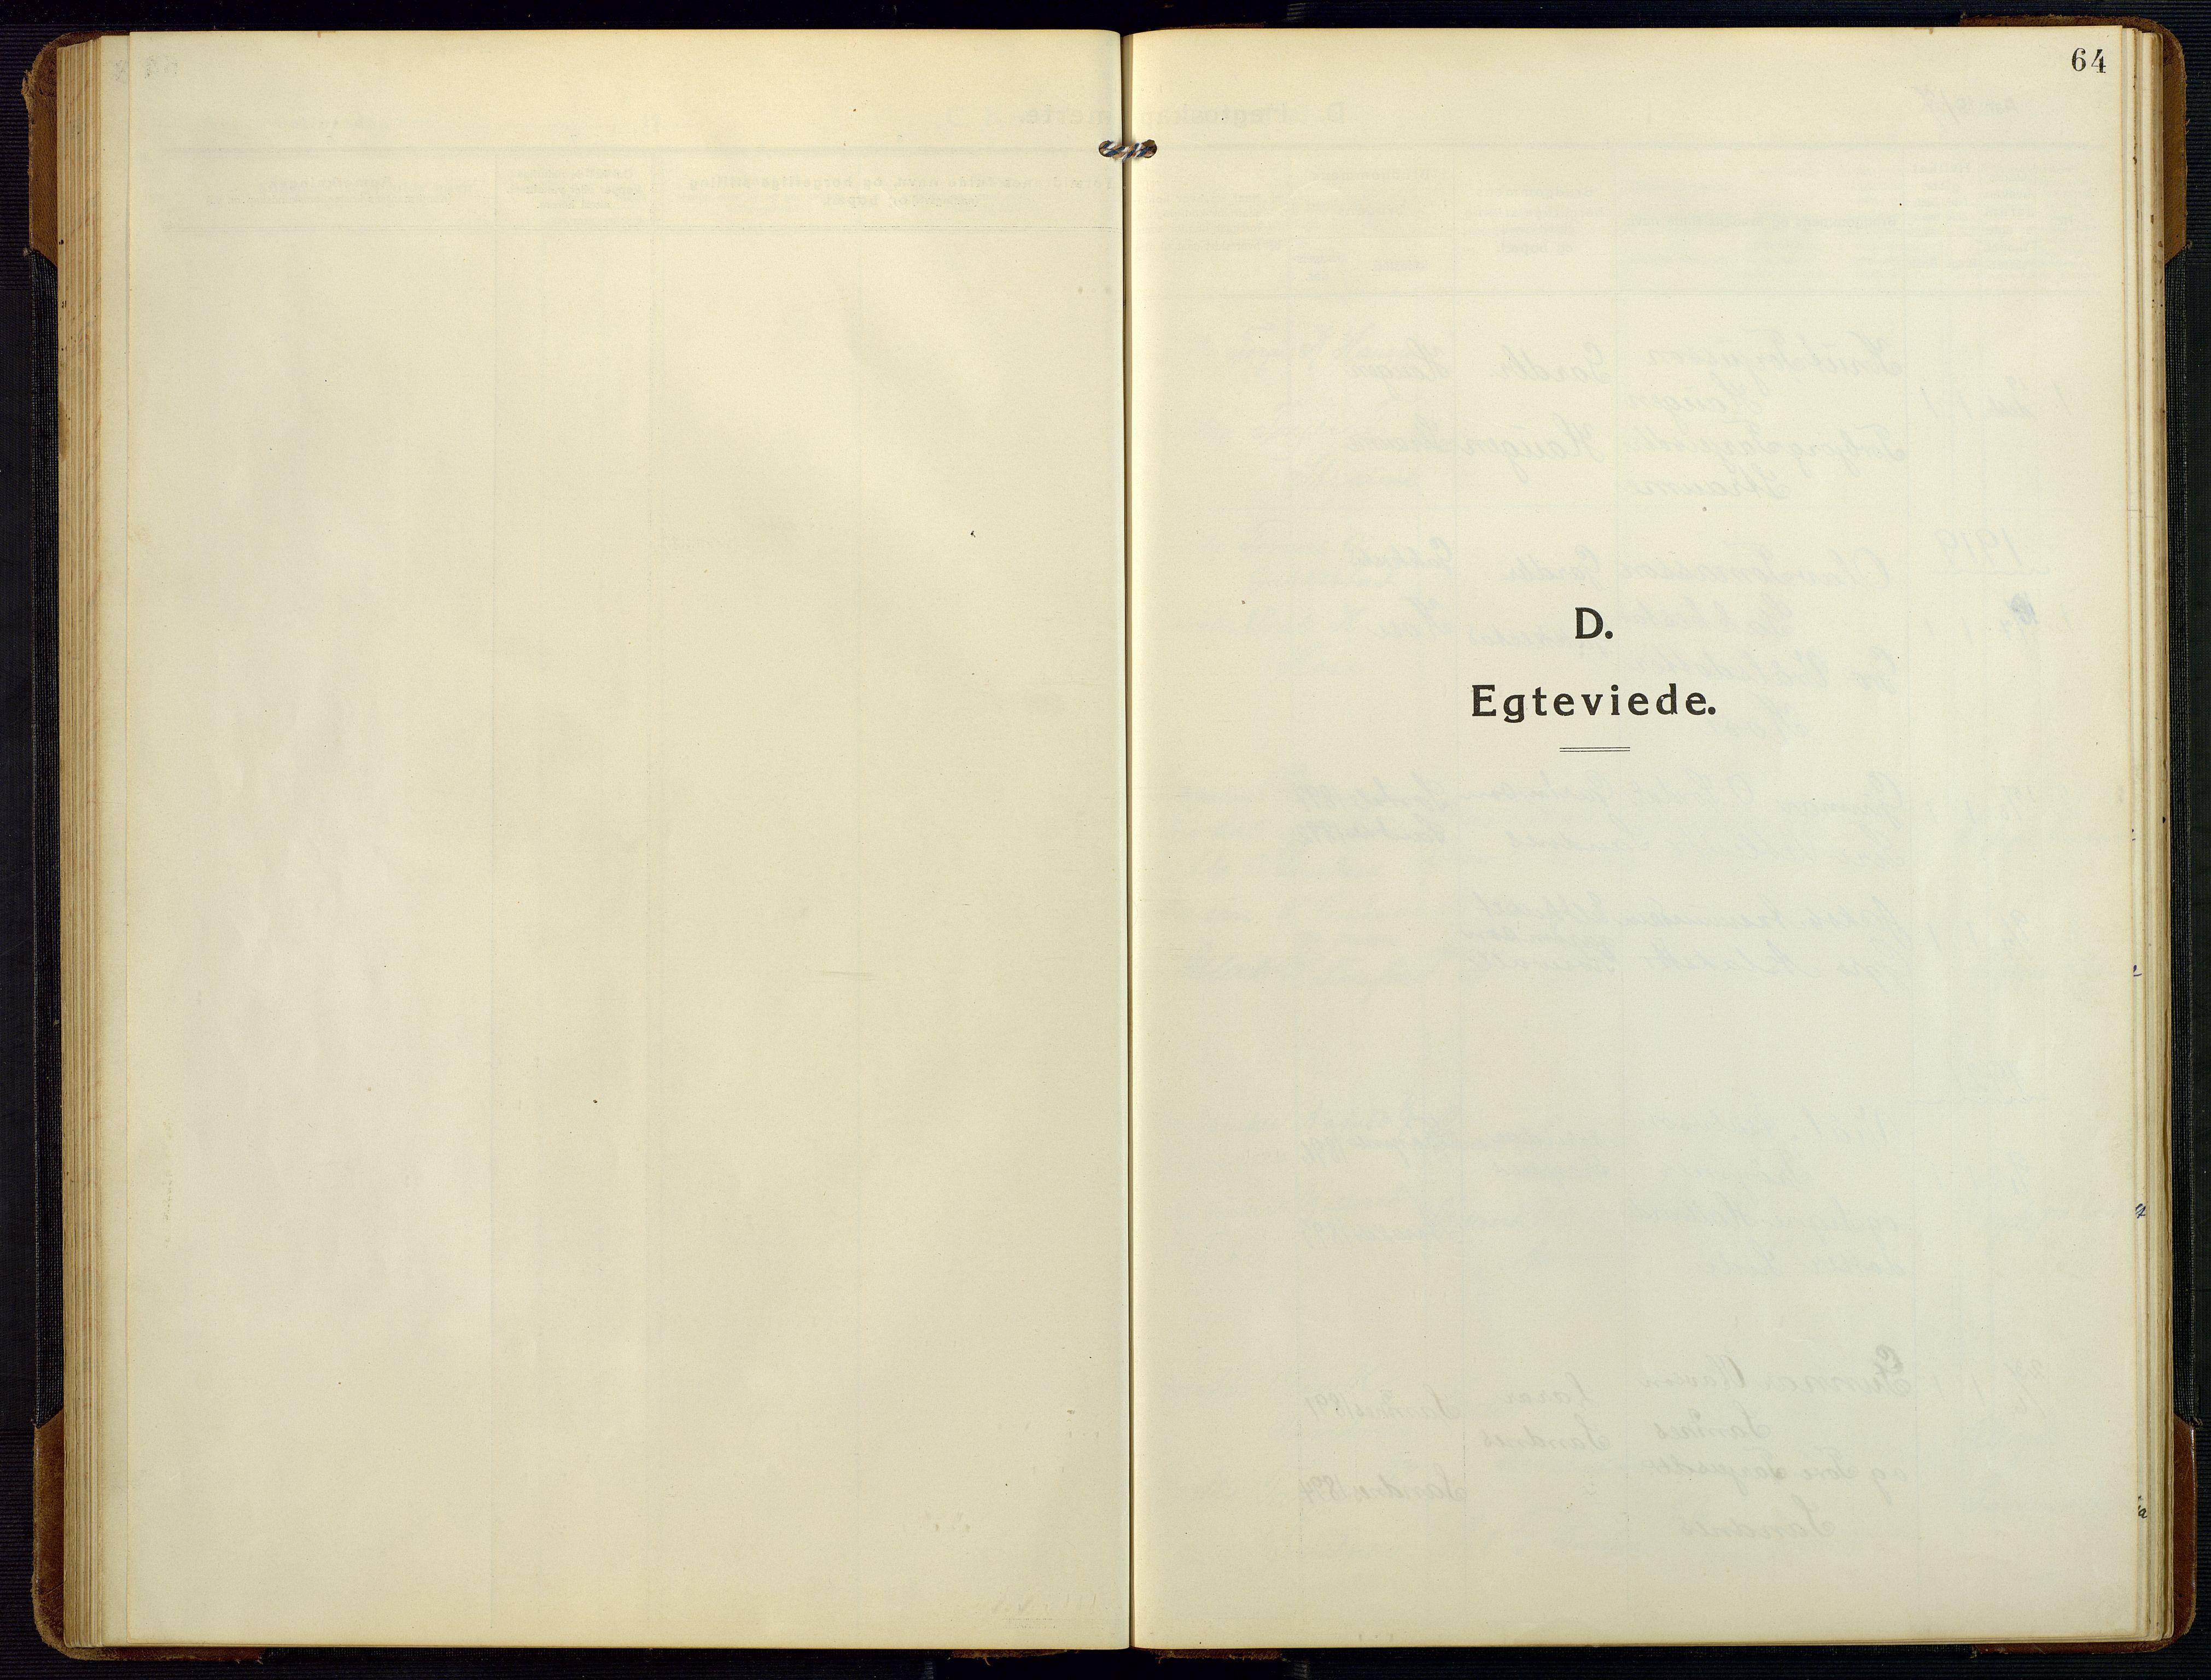 SAK, Bygland sokneprestkontor, F/Fb/Fbc/L0003: Klokkerbok nr. B 3, 1916-1975, s. 64